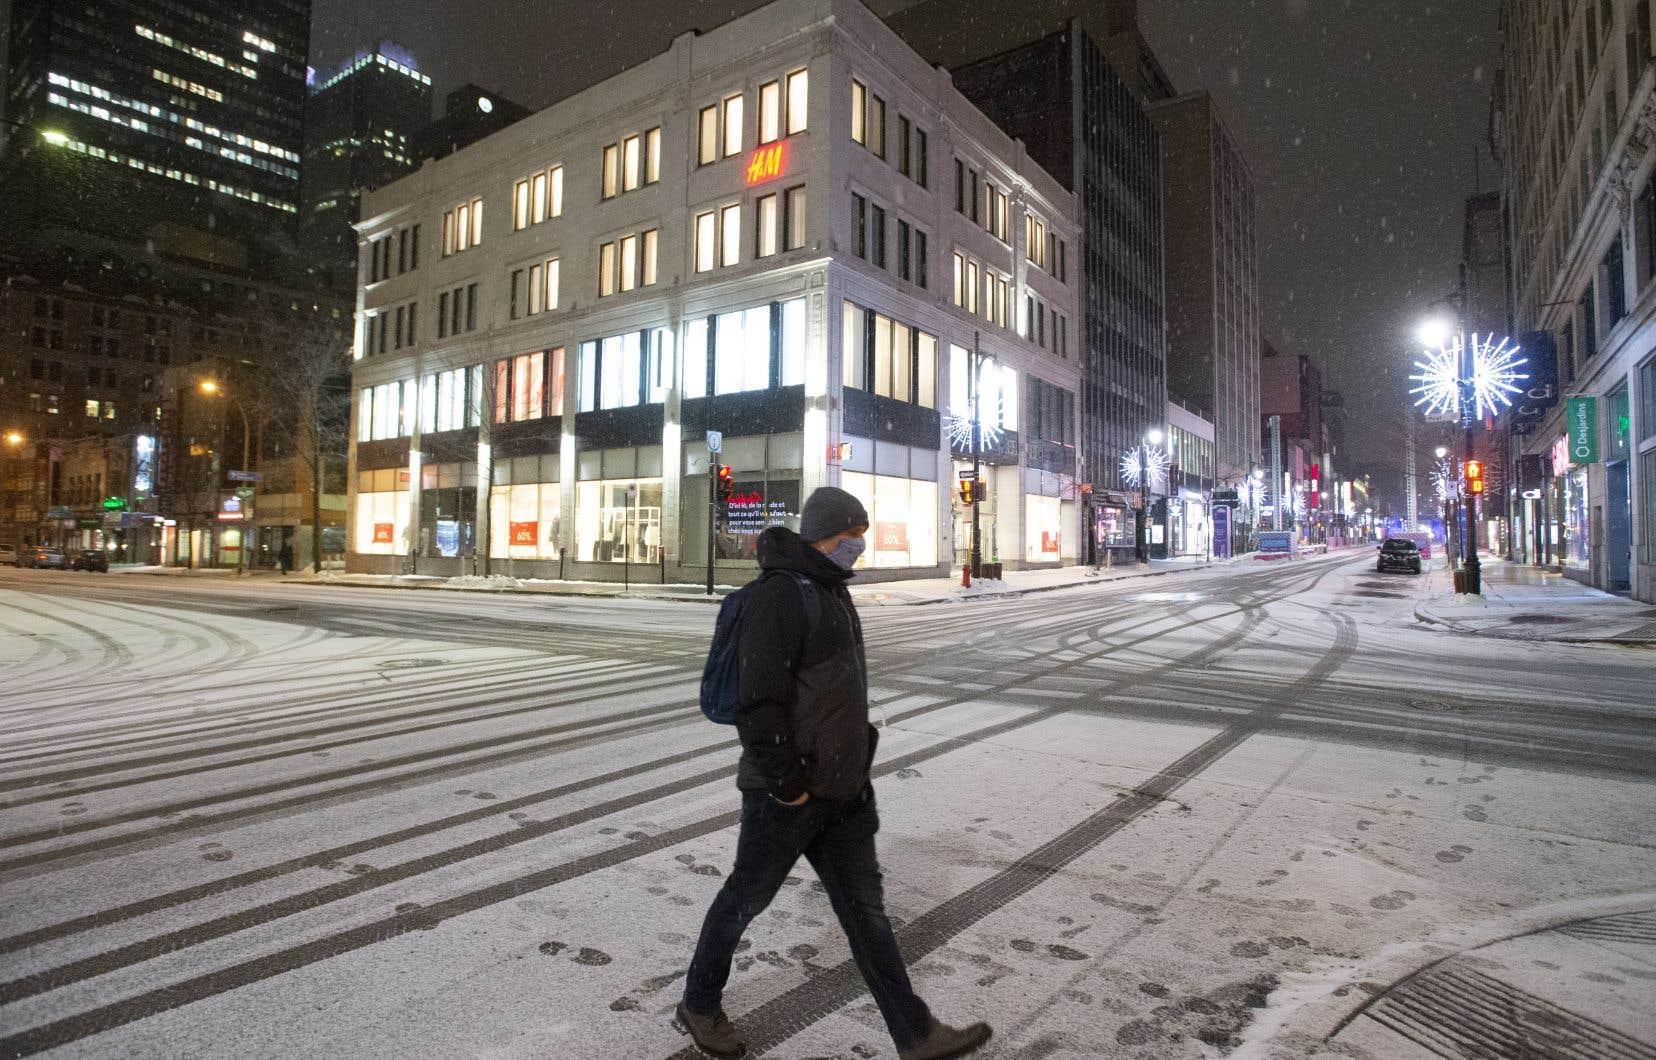 «Les cas ont commencé à chuter au Québec dès le 10janvier, soit bien avant que les effets du couvre-feu puissent être ressentis, la Santé publique nous rappelant régulièrement qu'il faut compter de 10 à 14 jours avant de constater l'effet d'une mesure quelconque», écrit l'auteur.